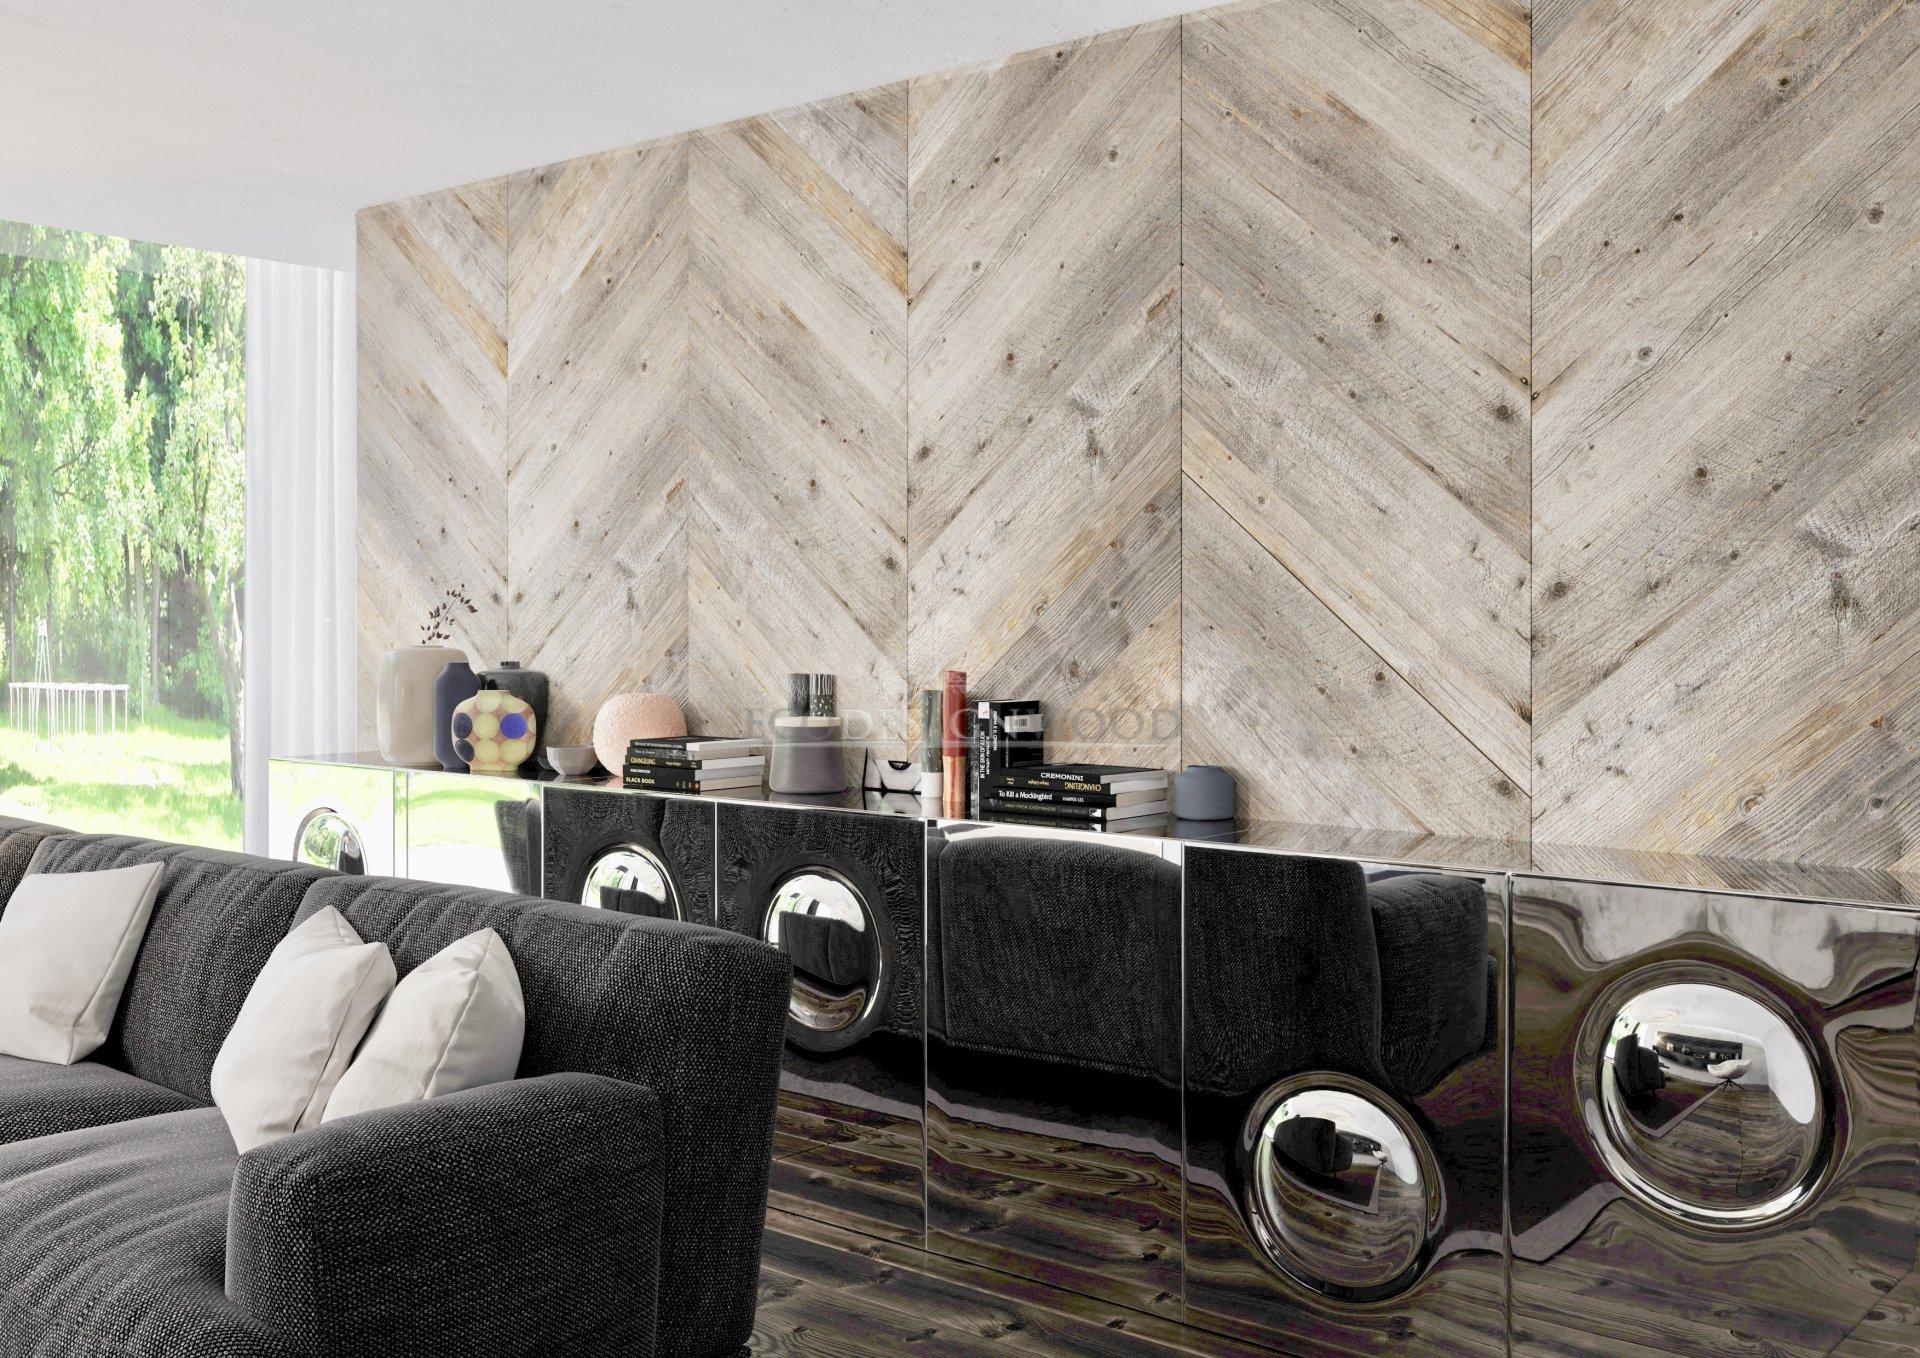 Barn Wood Cladding Ecodesignwood Reclaimed Wood Wall Panels Cladding Designer